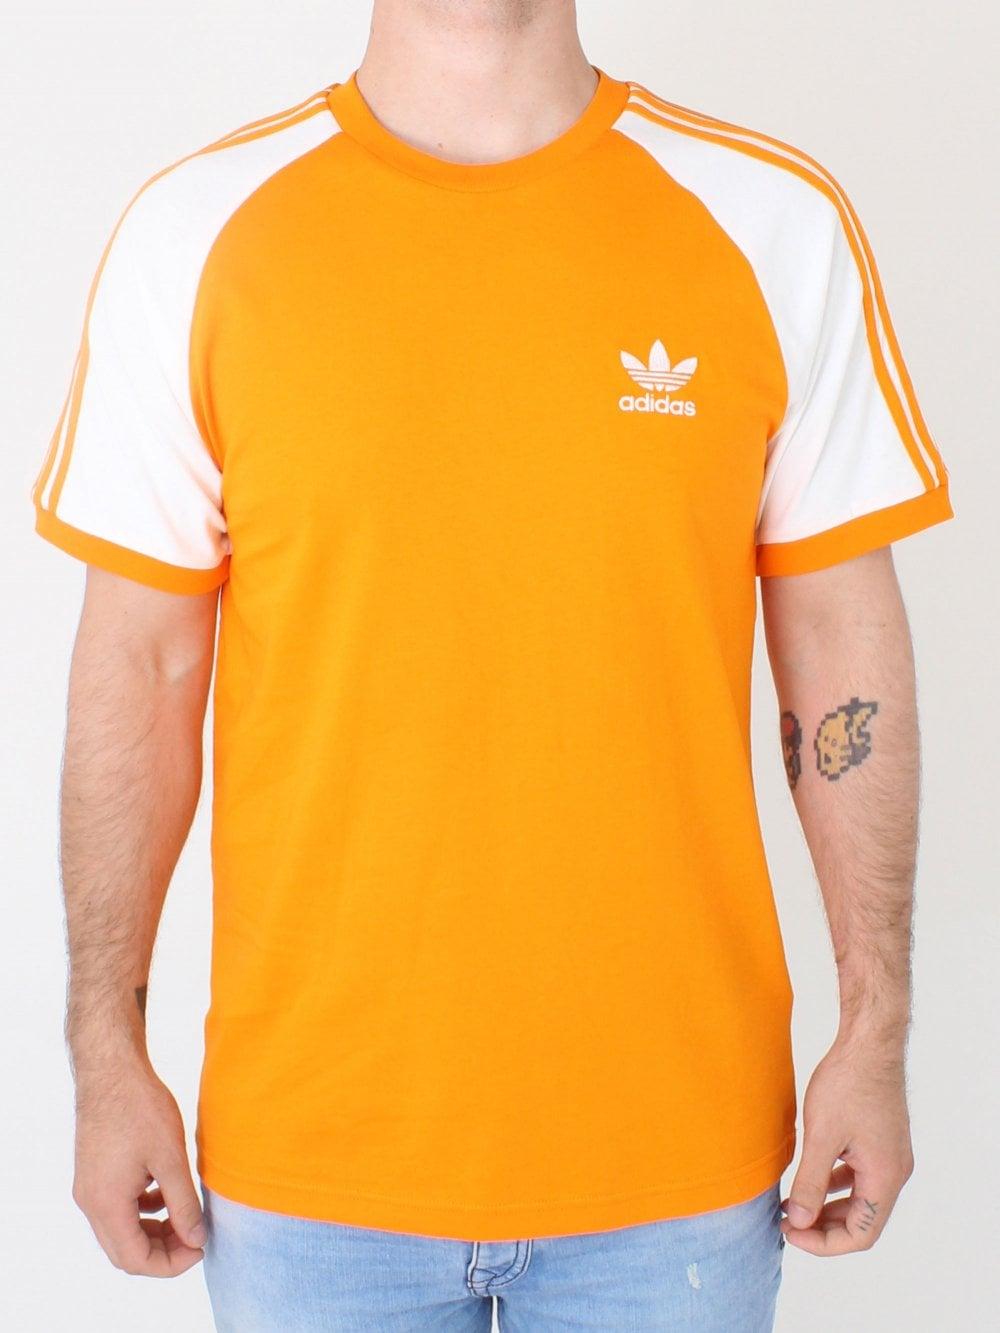 bda94036e84de Adidas 3 Stripe T.shirt in Orange